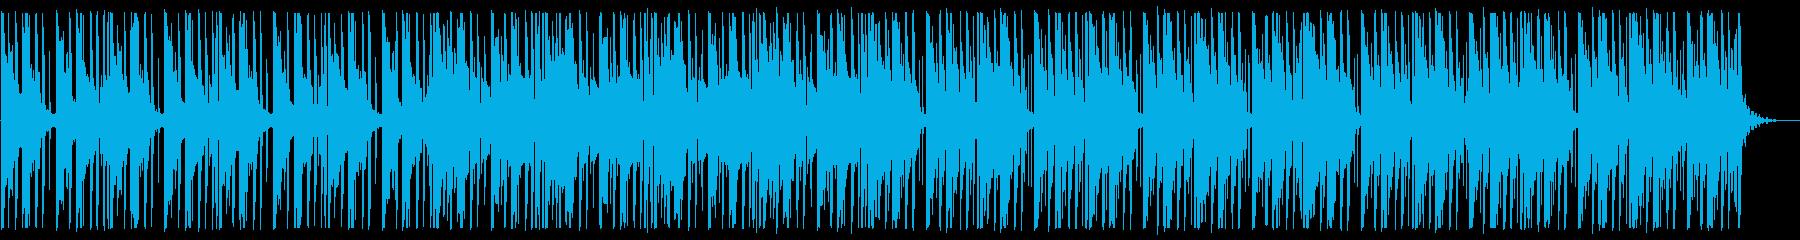 寂しい/ピアノ/R&B_No489_2の再生済みの波形